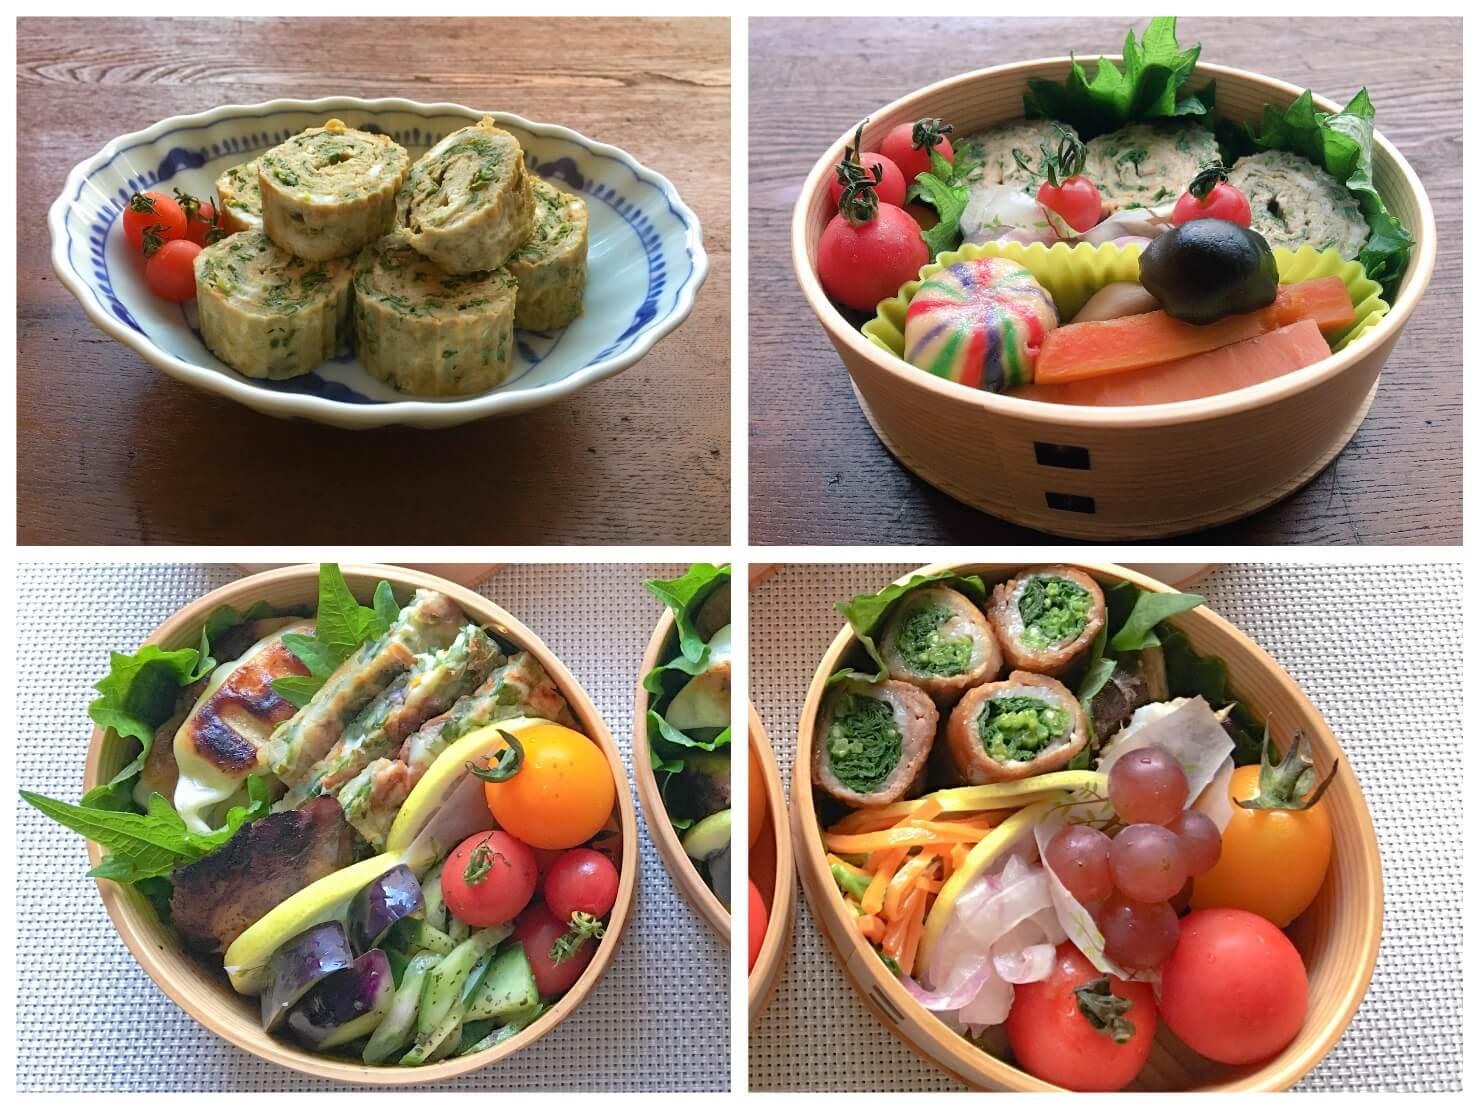 モロヘイヤで作ったおかずやお弁当の写真